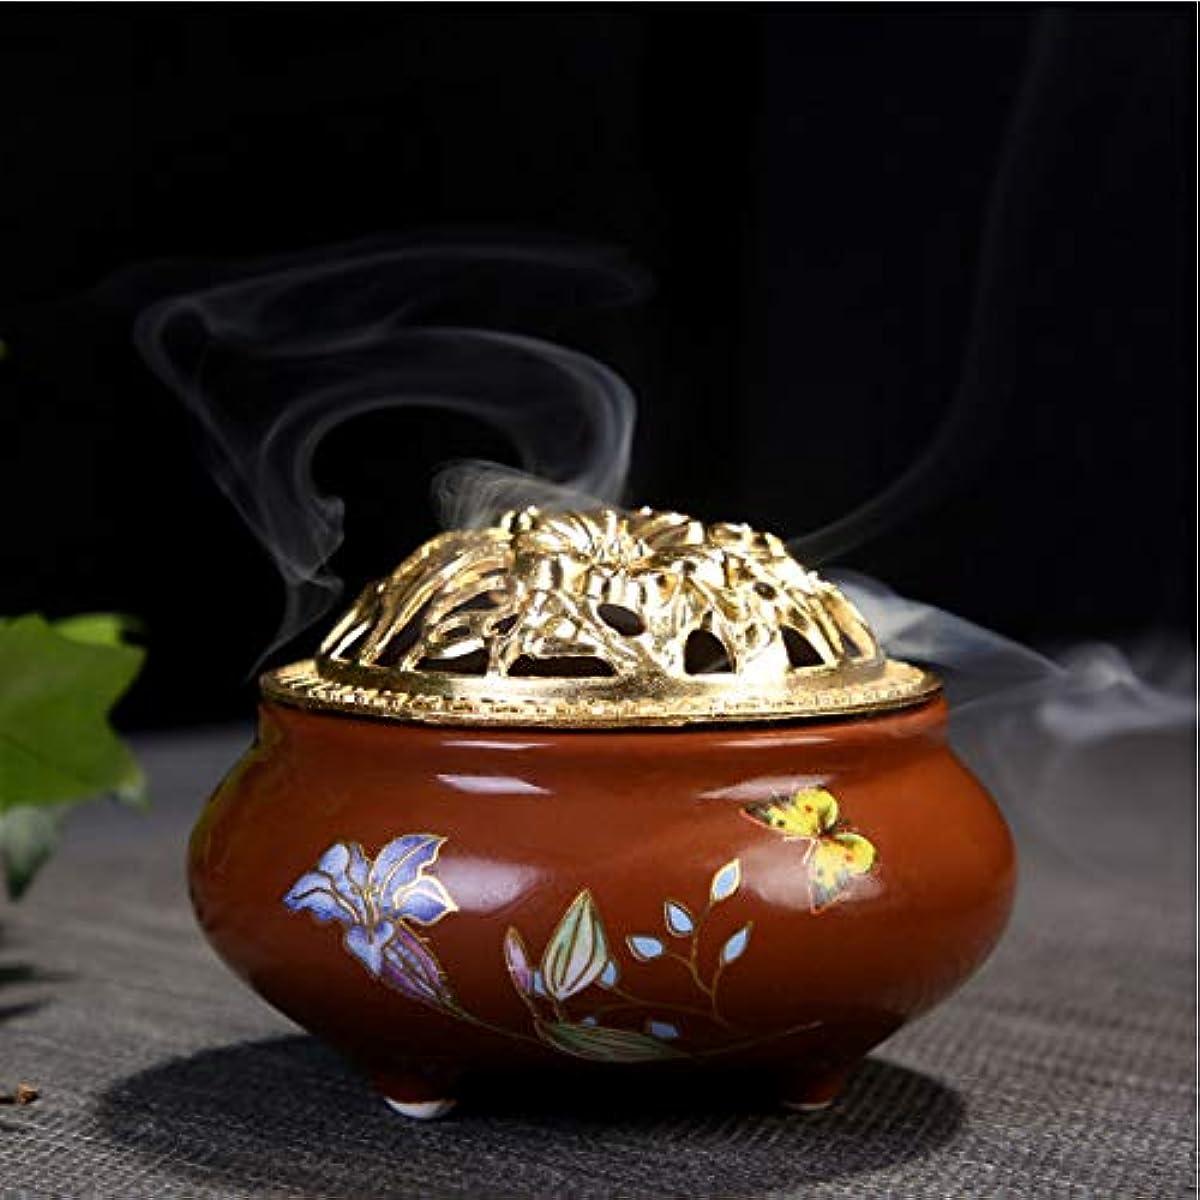 下品シエスタセールスマン手作りのセラミック香炉と円錐香炉ブラケット創造的な香炉家の装飾工芸6.5 * 9.5 cm